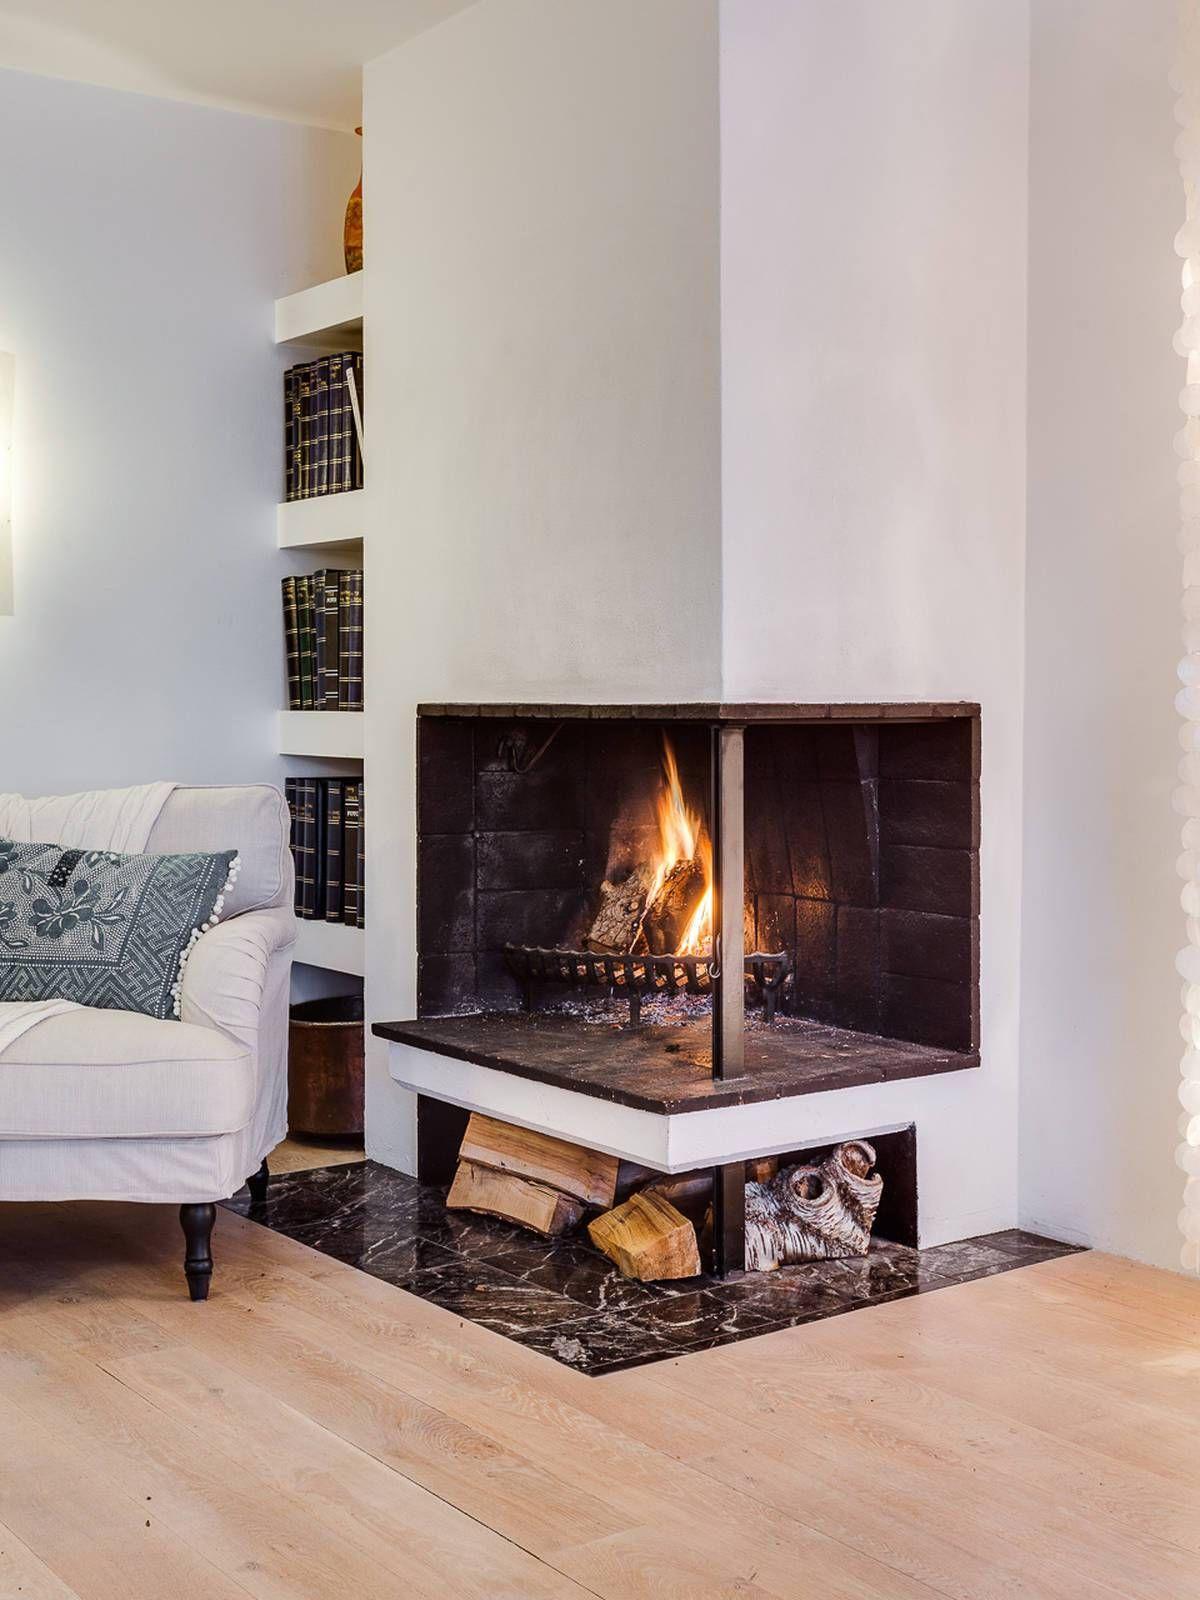 Sal n con chimenea y librer a empotrada decoraci n hogar salon con chimenea chimeneas y hogar - Decoracion chimeneas de lena ...